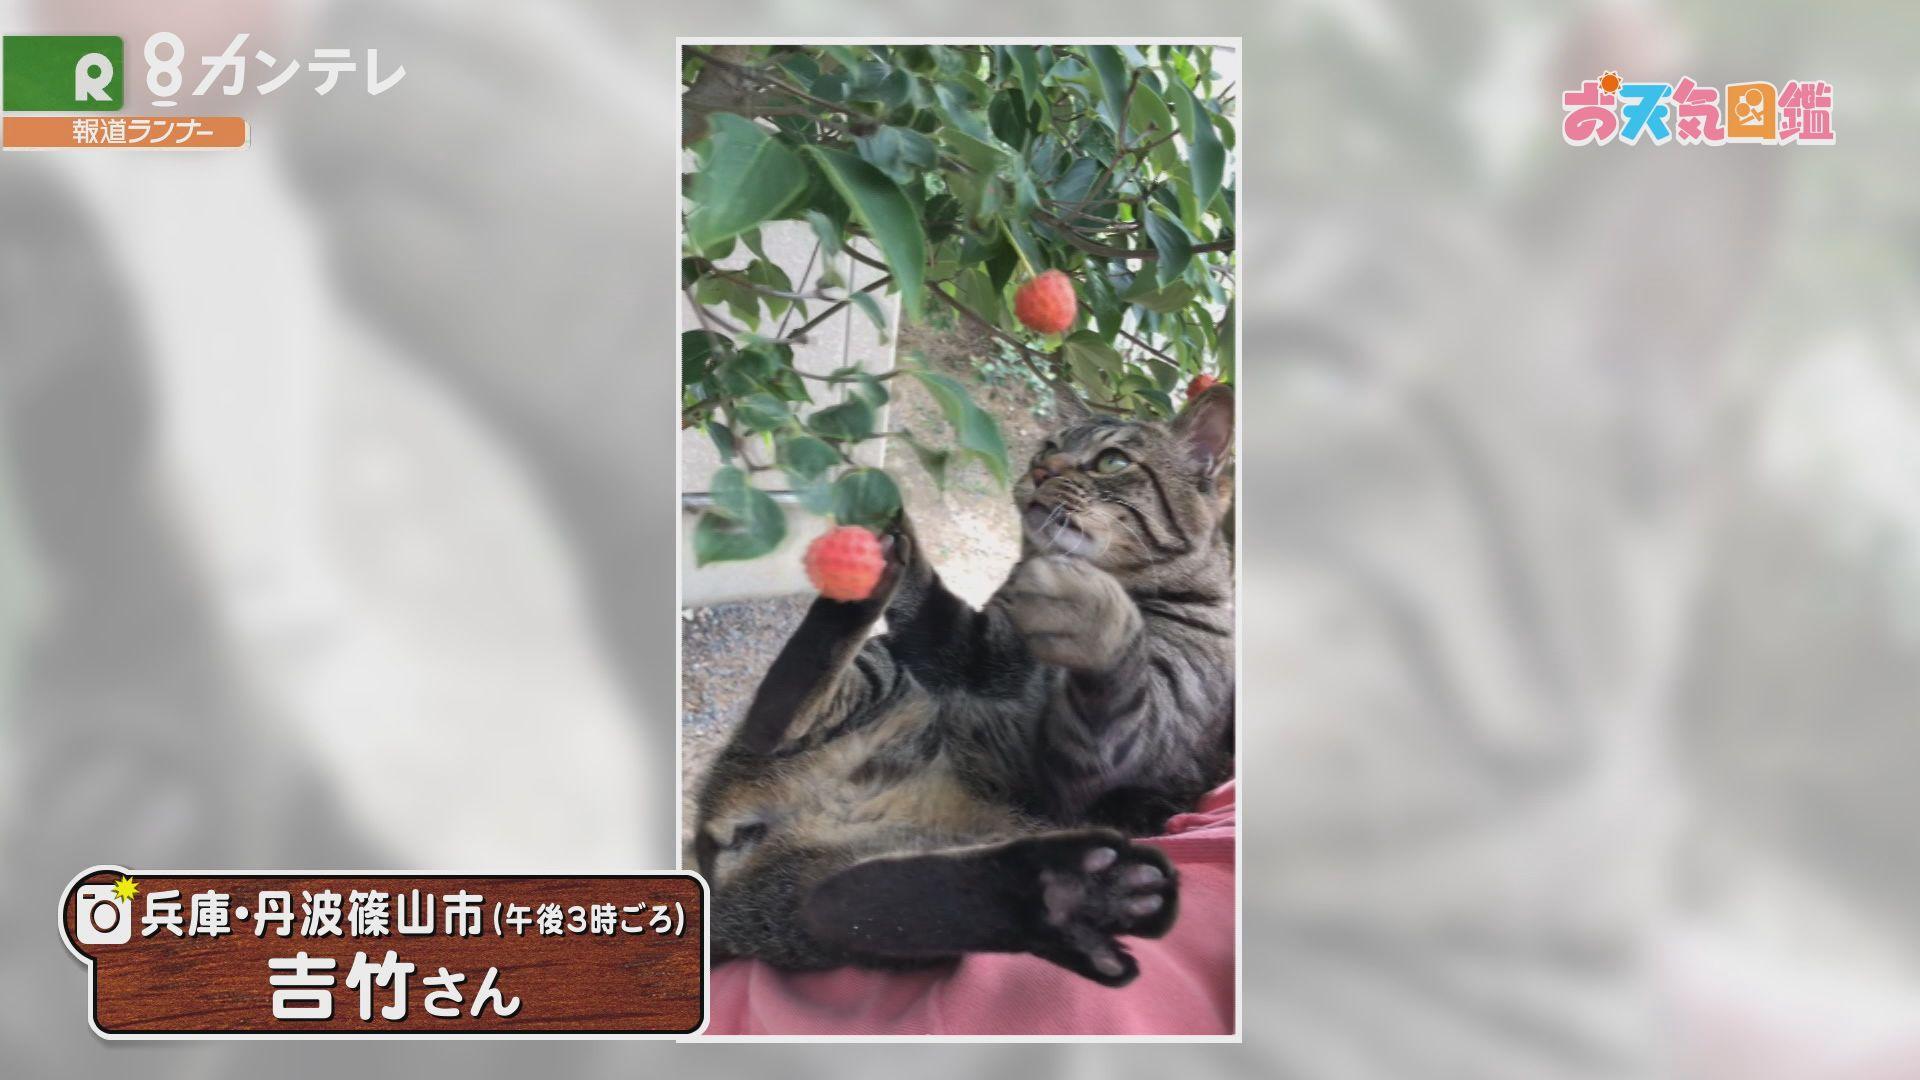 「ネコも夢中?ヤマボウシの実」(兵庫・丹波篠山市)